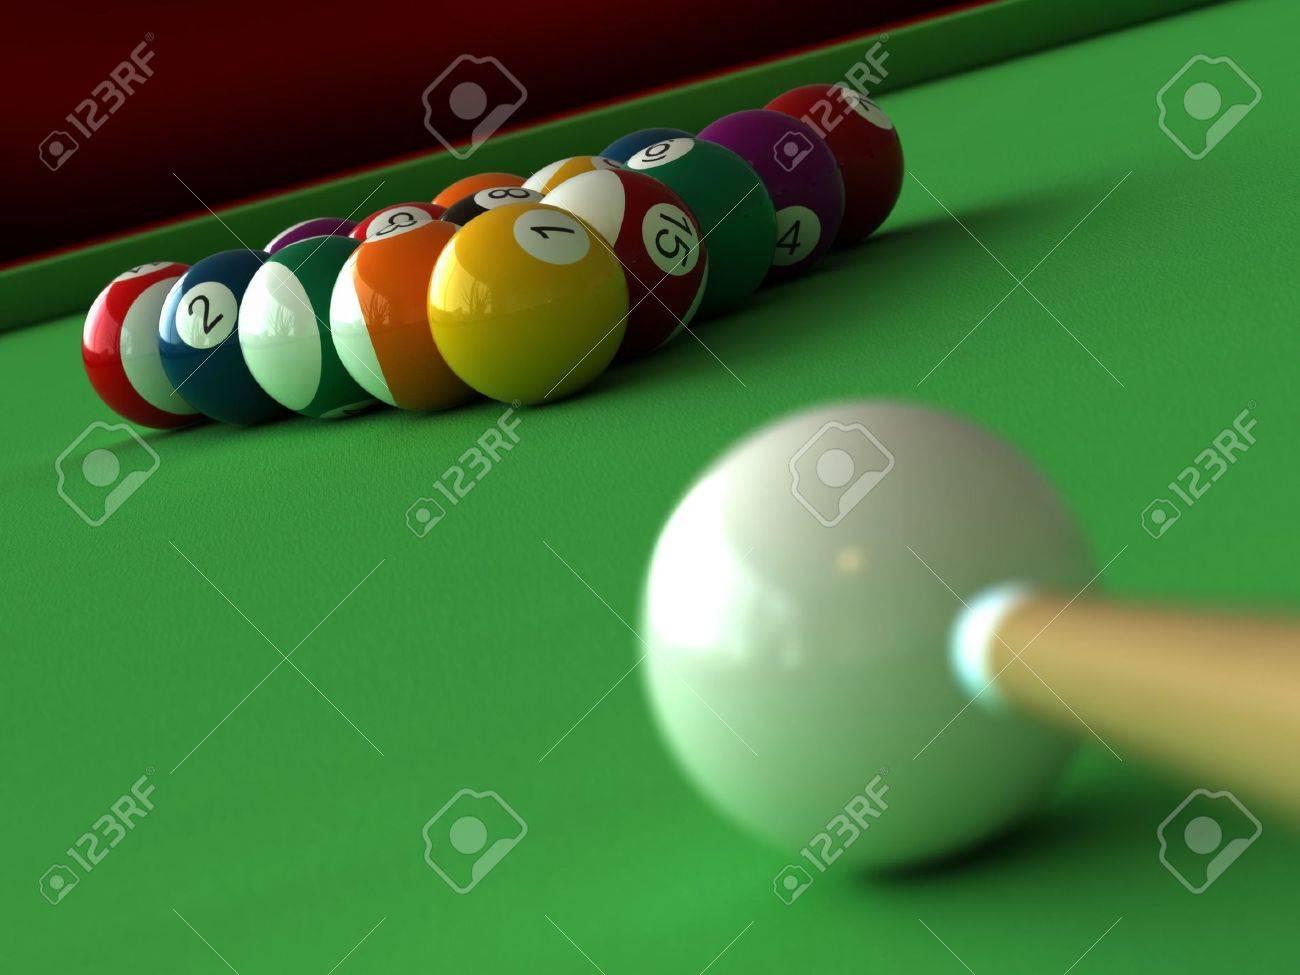 rendu 3D des boules de billard et de table Banque d'images - 7016590